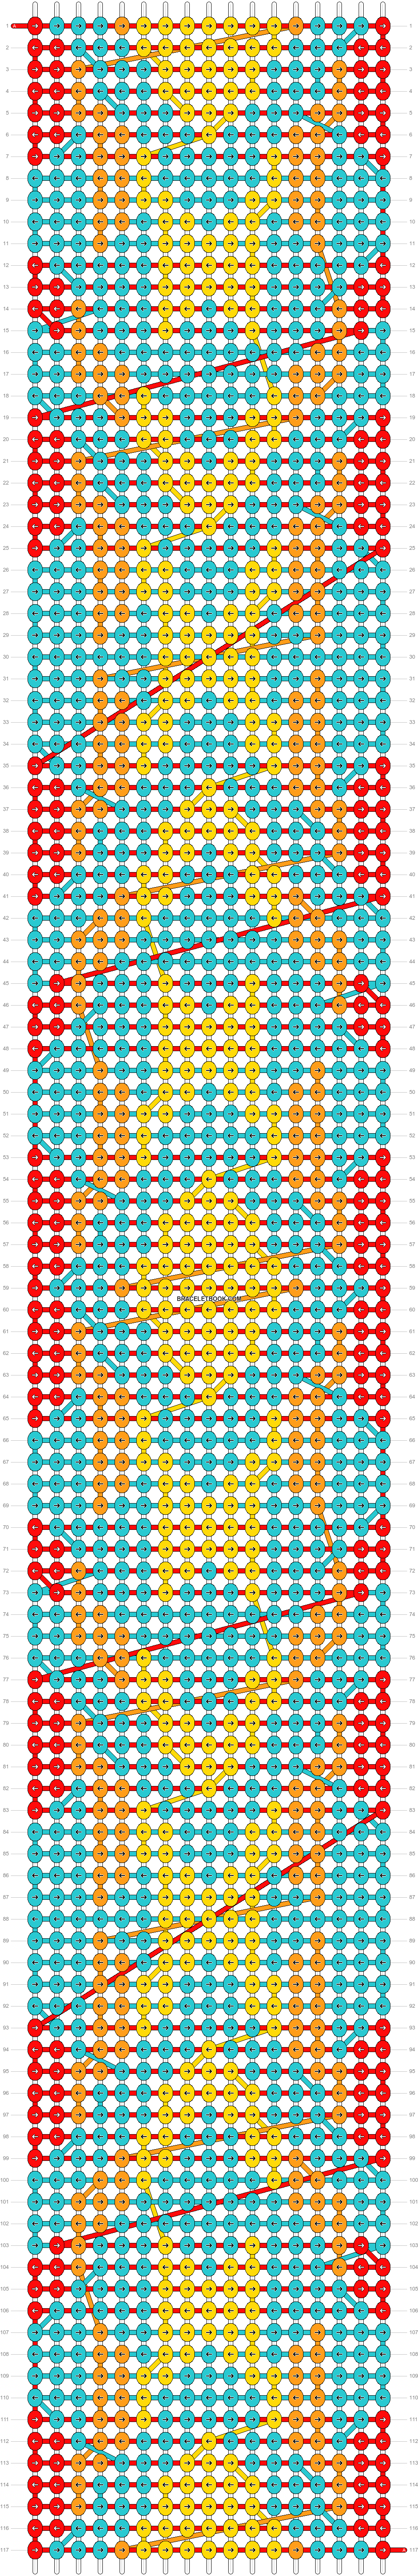 Alpha Pattern #9609 added by gabri3773